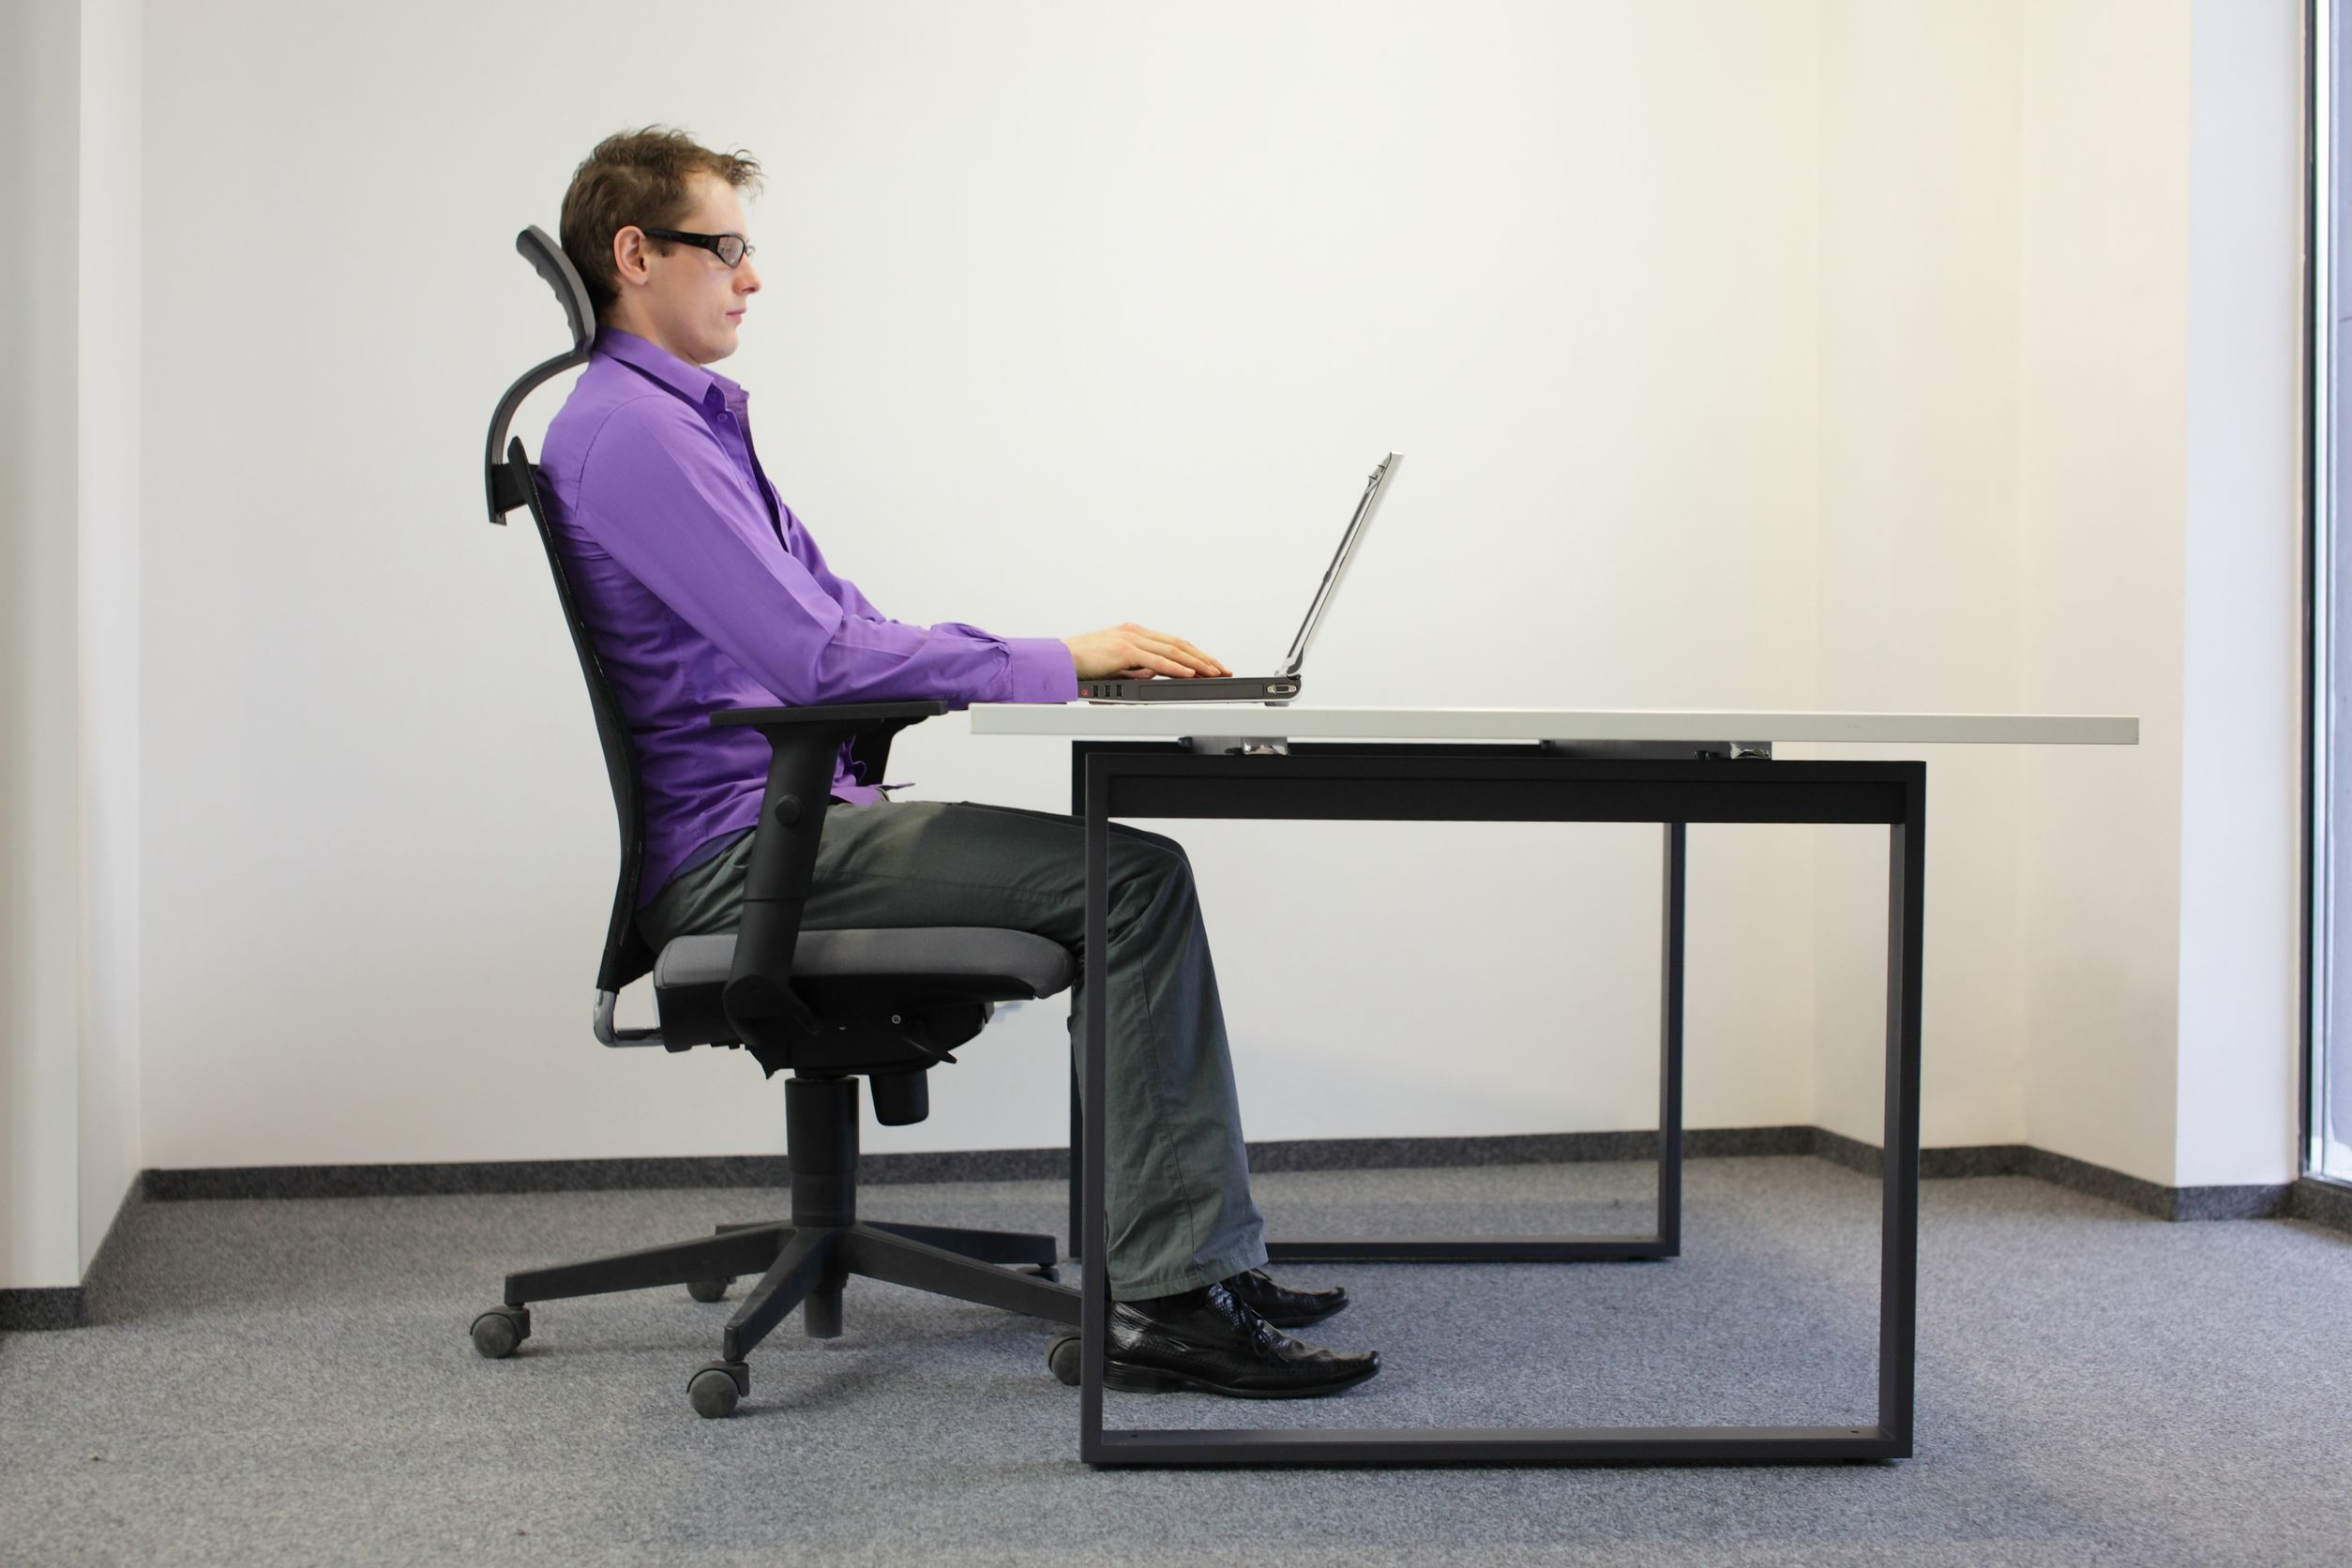 Corregir la posición de sentado a de estación de trabajo